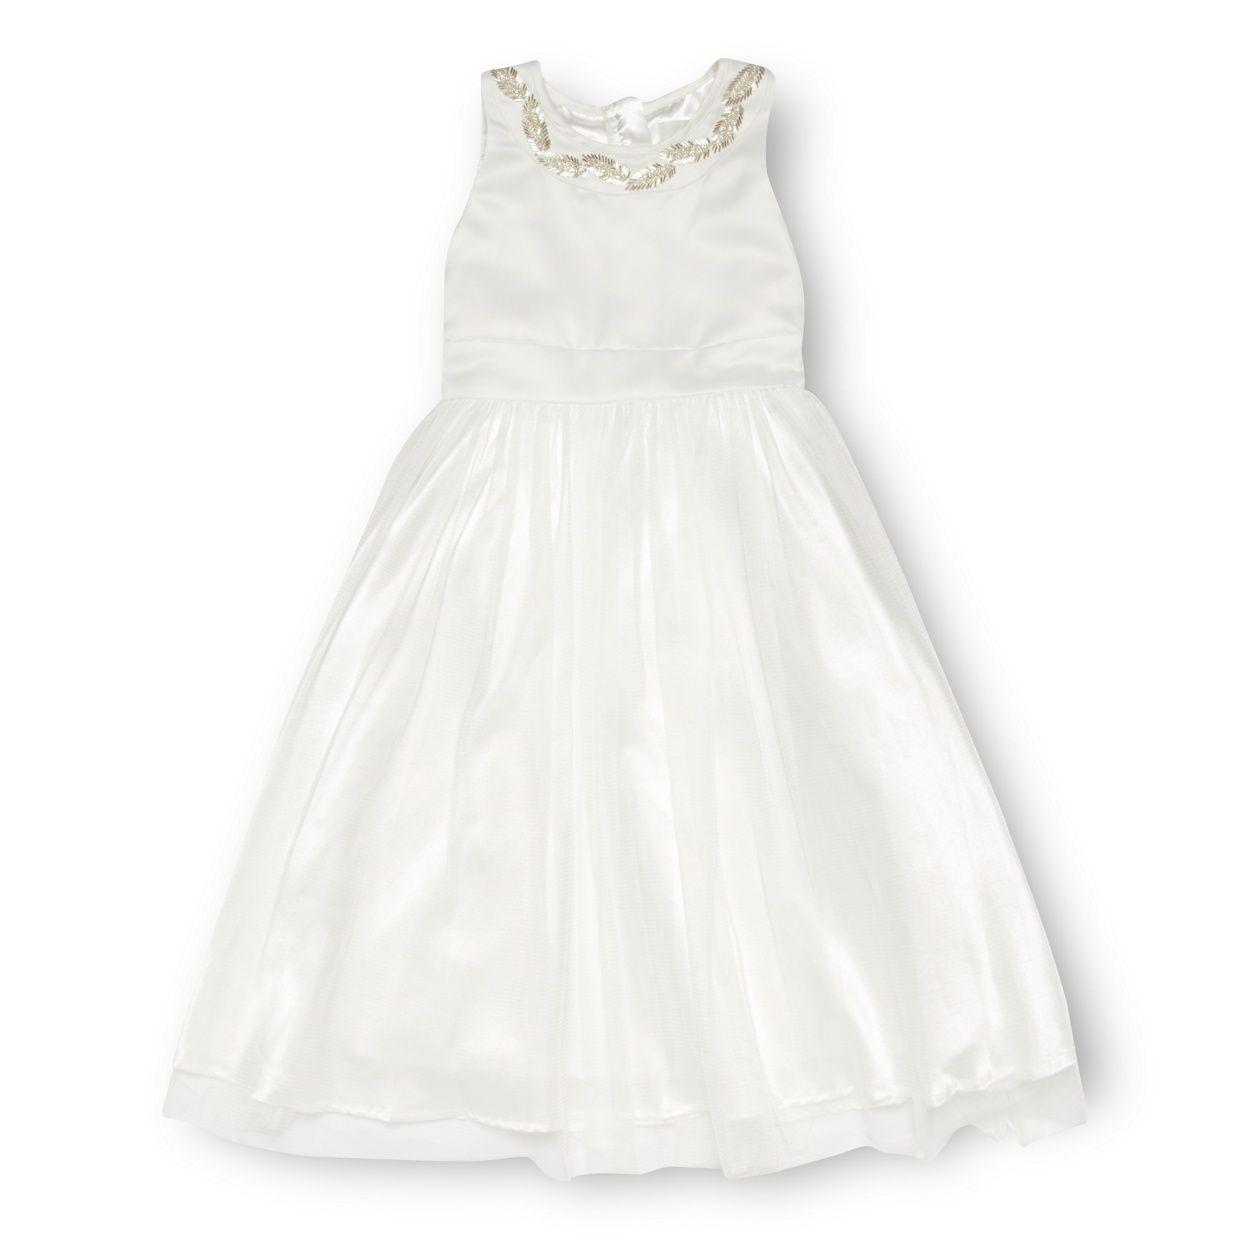 Tolle Verkaufen Gebrauchte Brautjunferkleider Fotos - Brautkleider ...